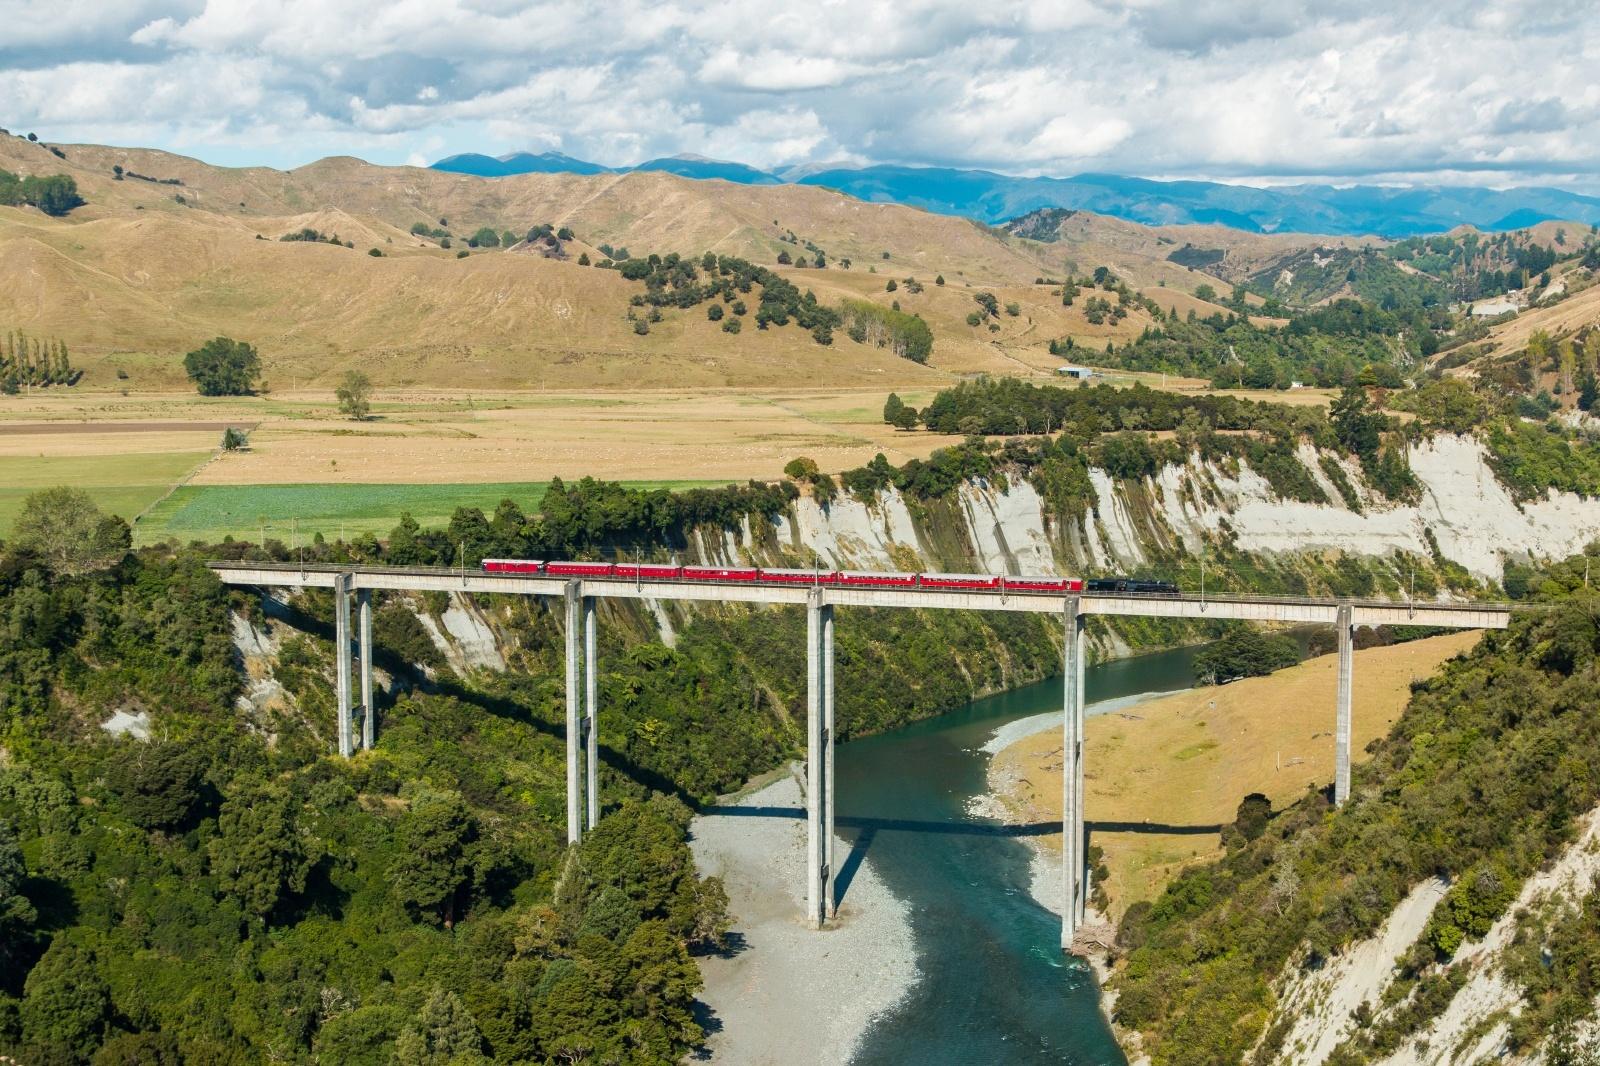 ランギティケイ川にかかる橋を渡る列車 ニュージーランドの鉄道風景